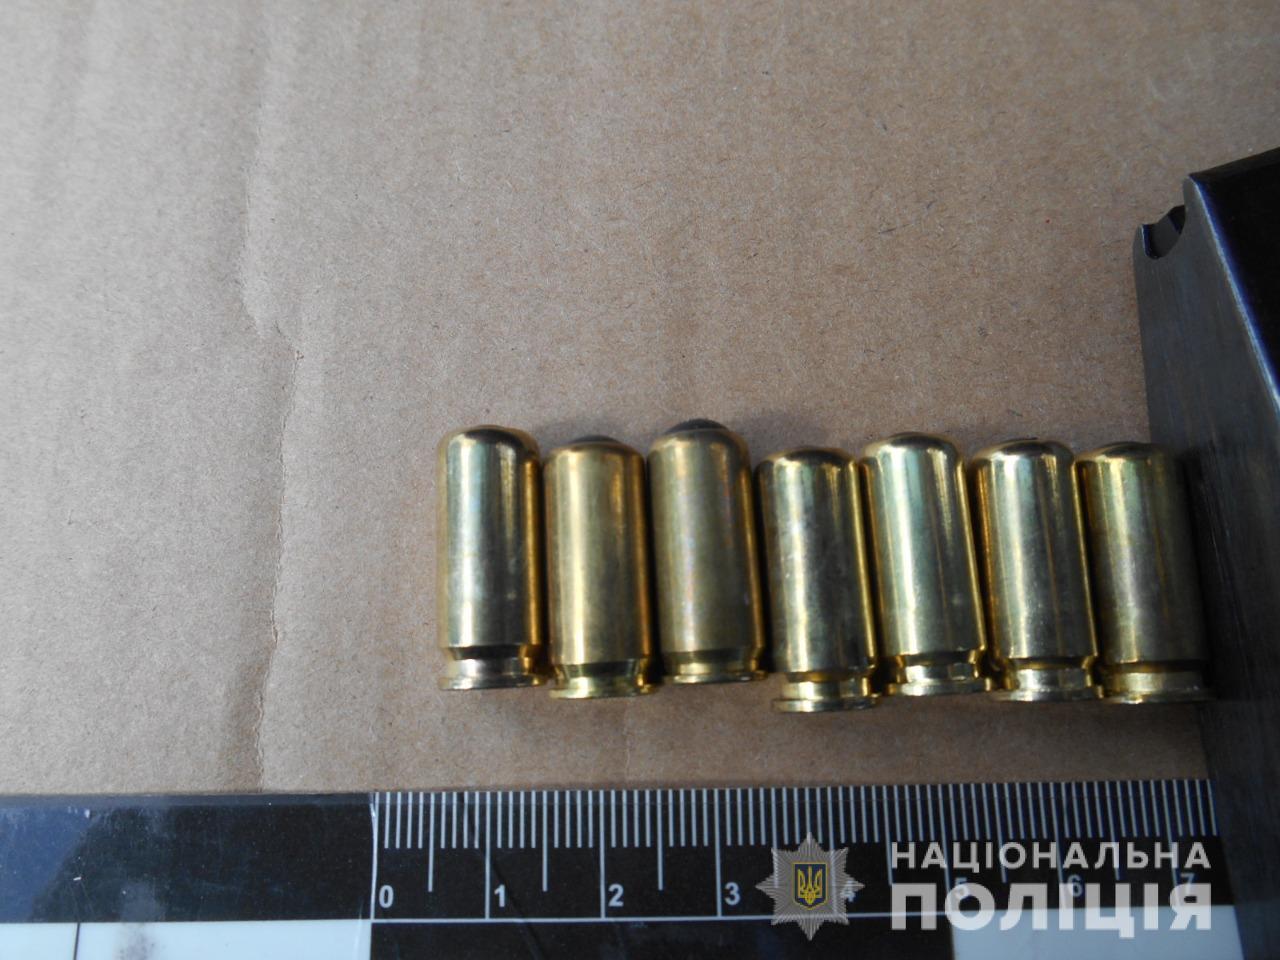 У водителя БМВ изъяли два пистолета